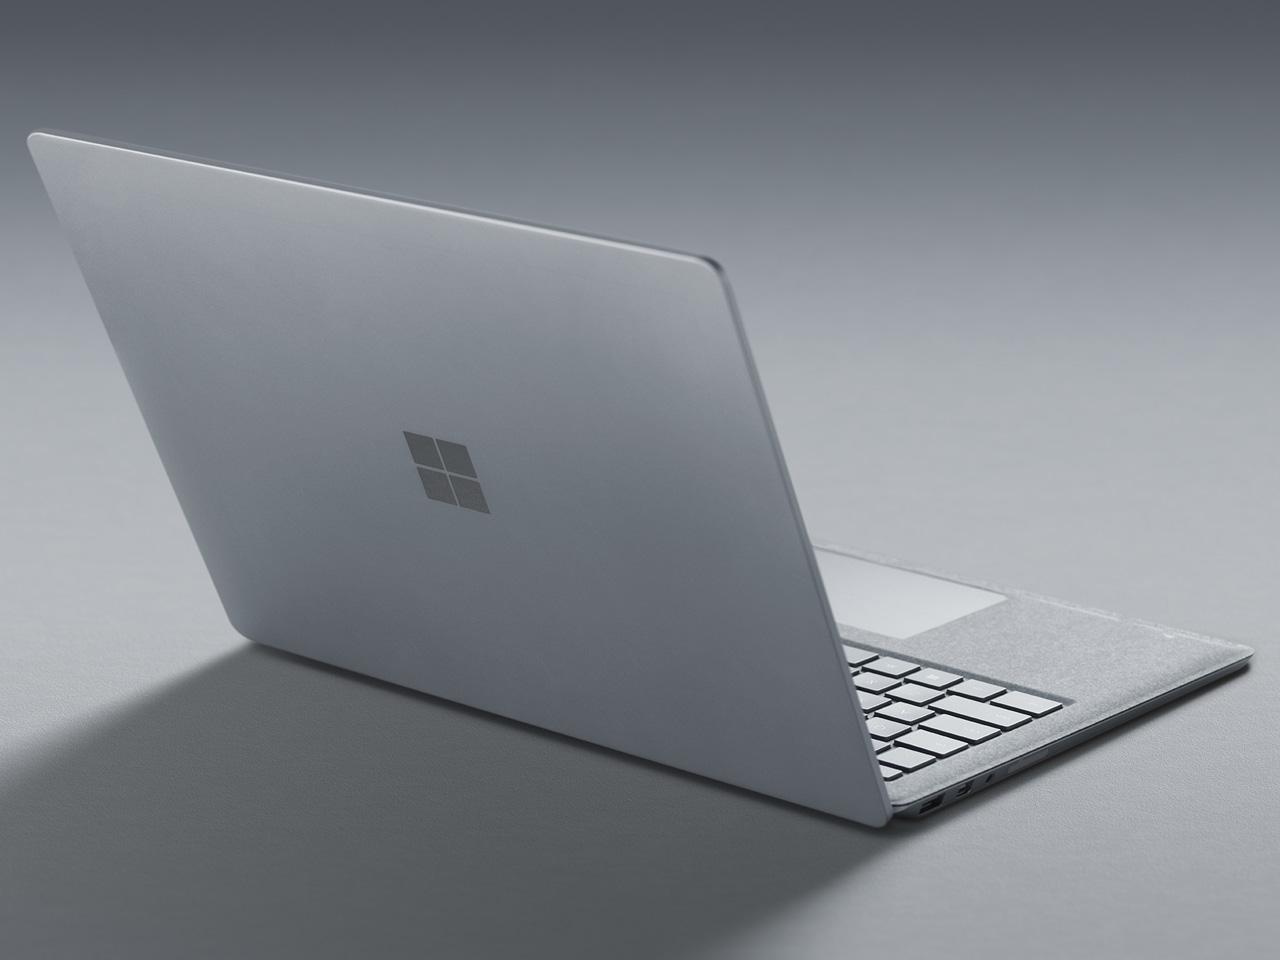 『本体 背面 斜め2』 Surface Laptop EUP-00018 の製品画像